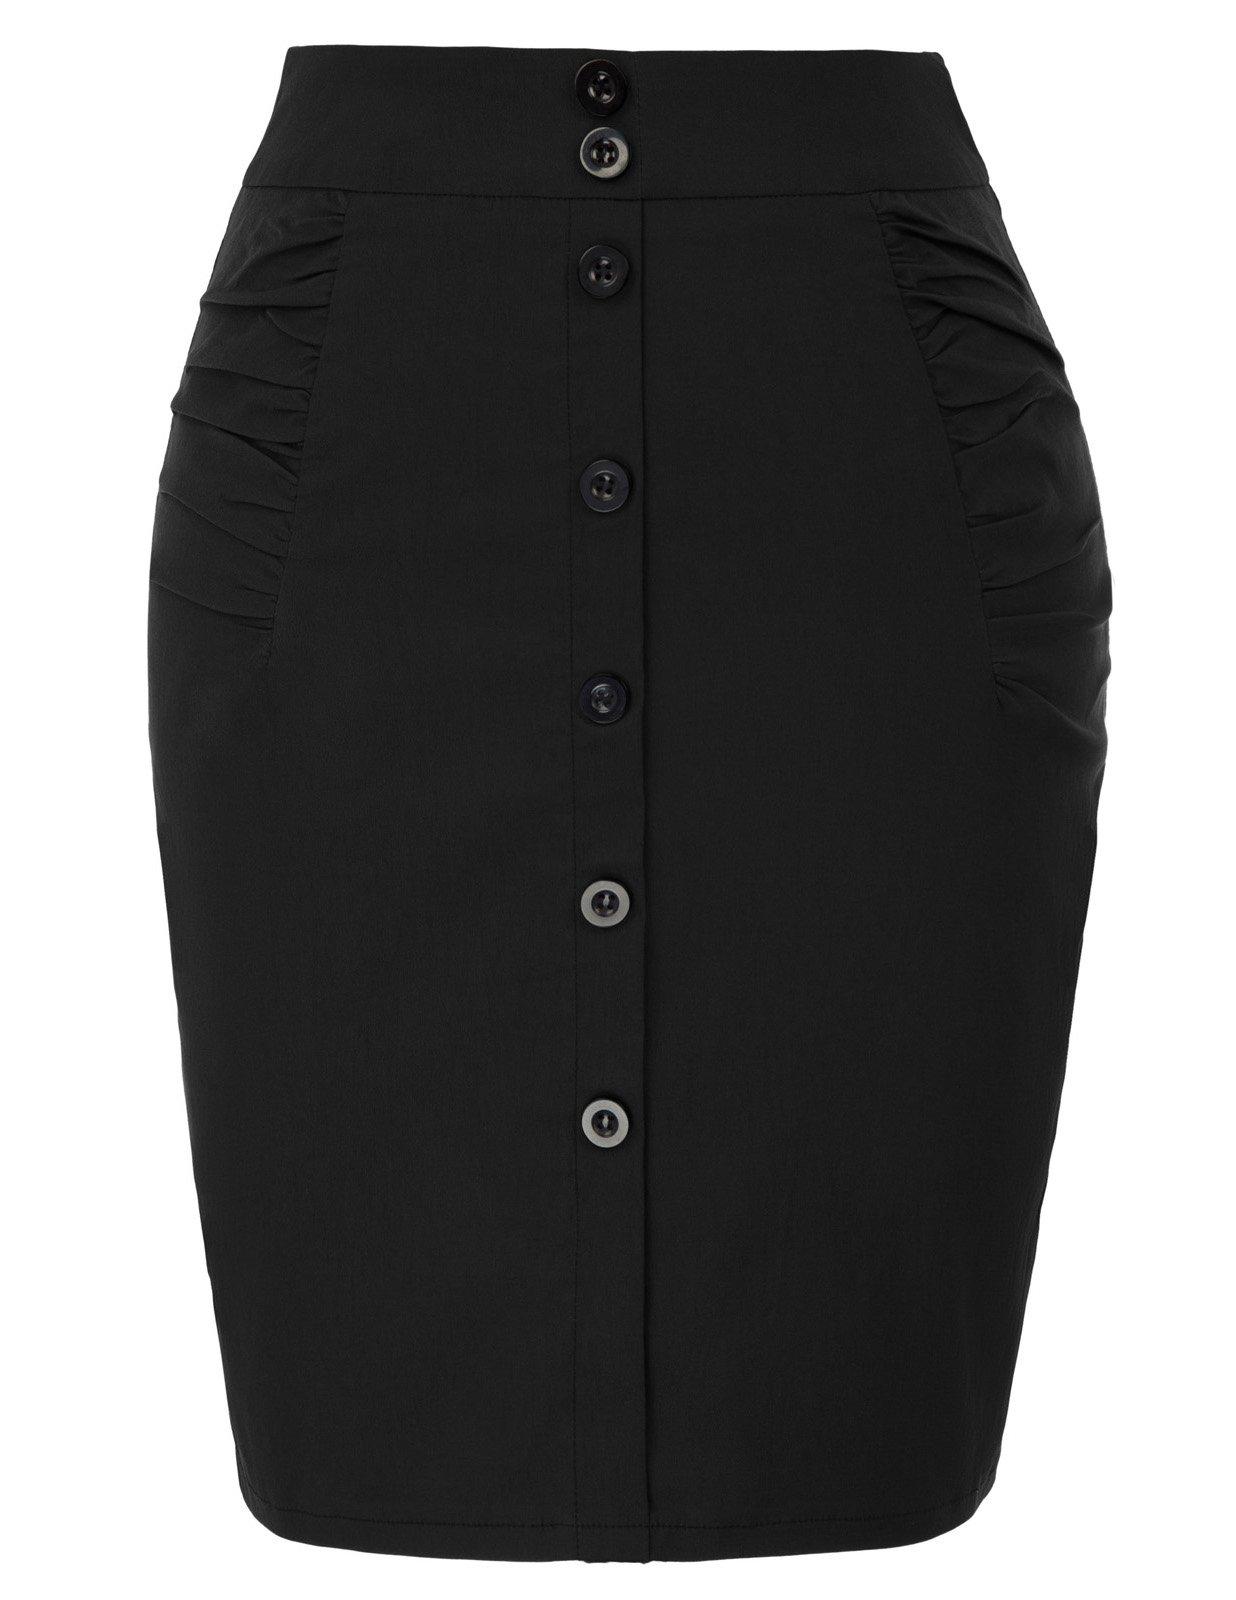 Kate Kasin Womens Knee Pencil Skirt Stretchy Business Skirt Size S Black KK1108-1